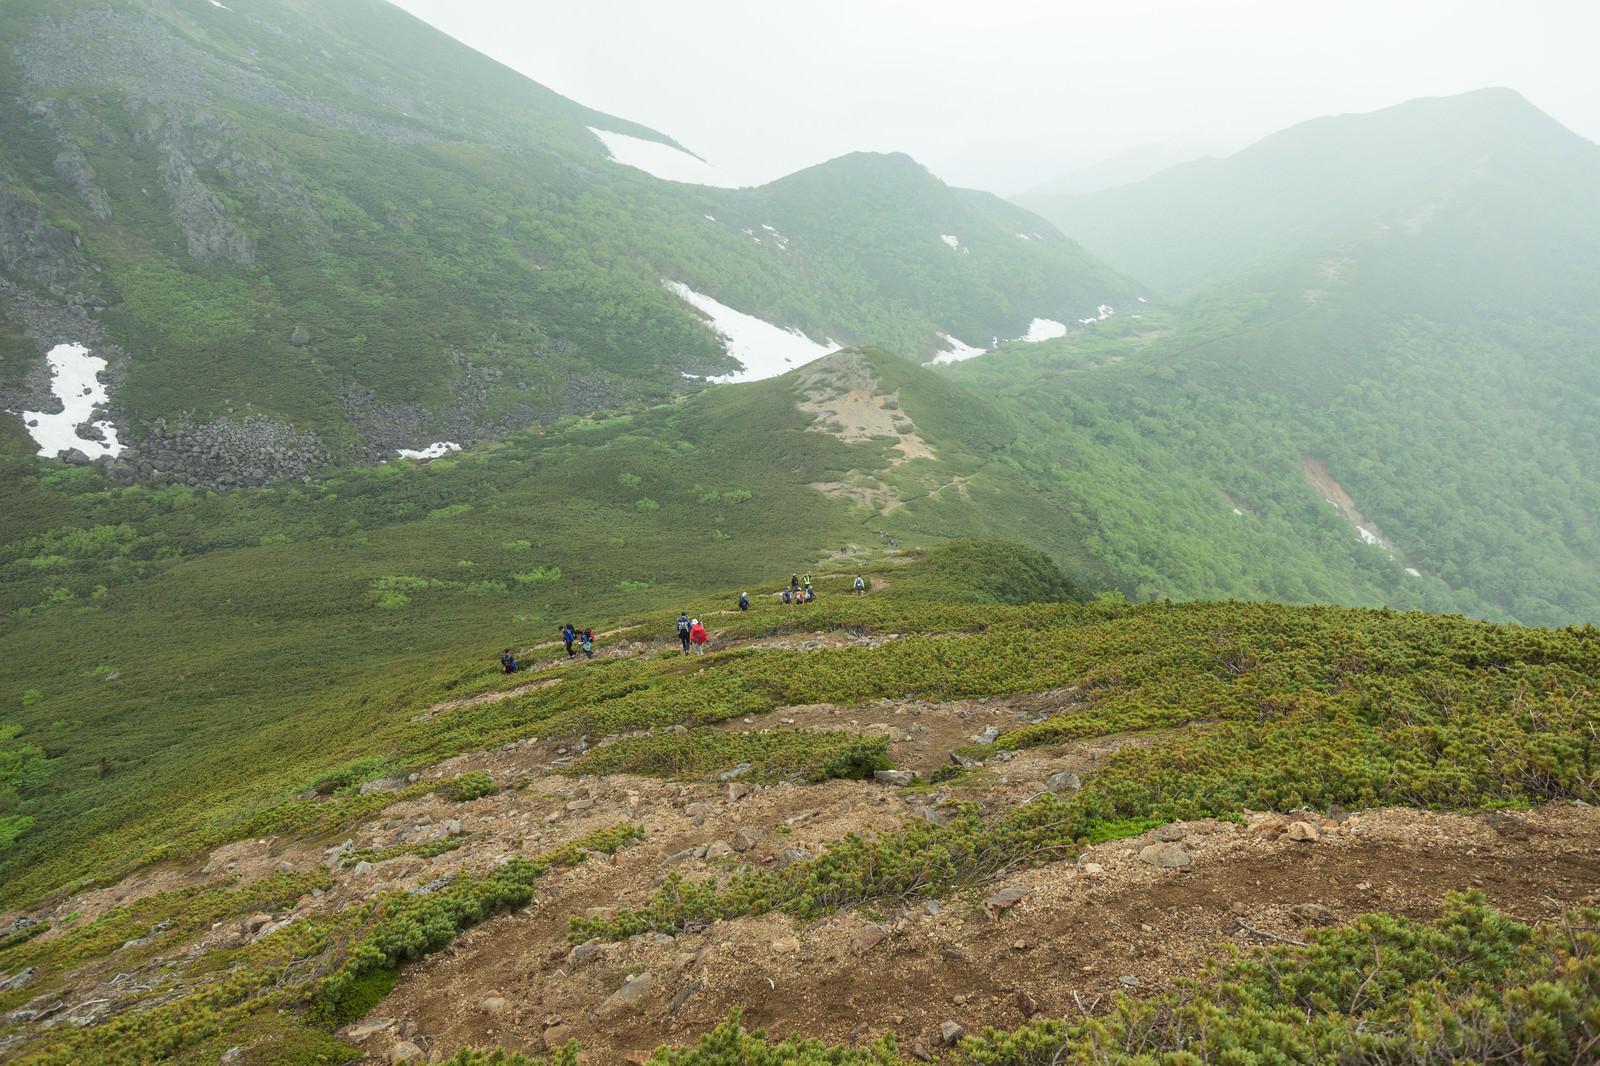 「ジグザグの登山道を下山する | 写真の無料素材・フリー素材 - ぱくたそ」の写真